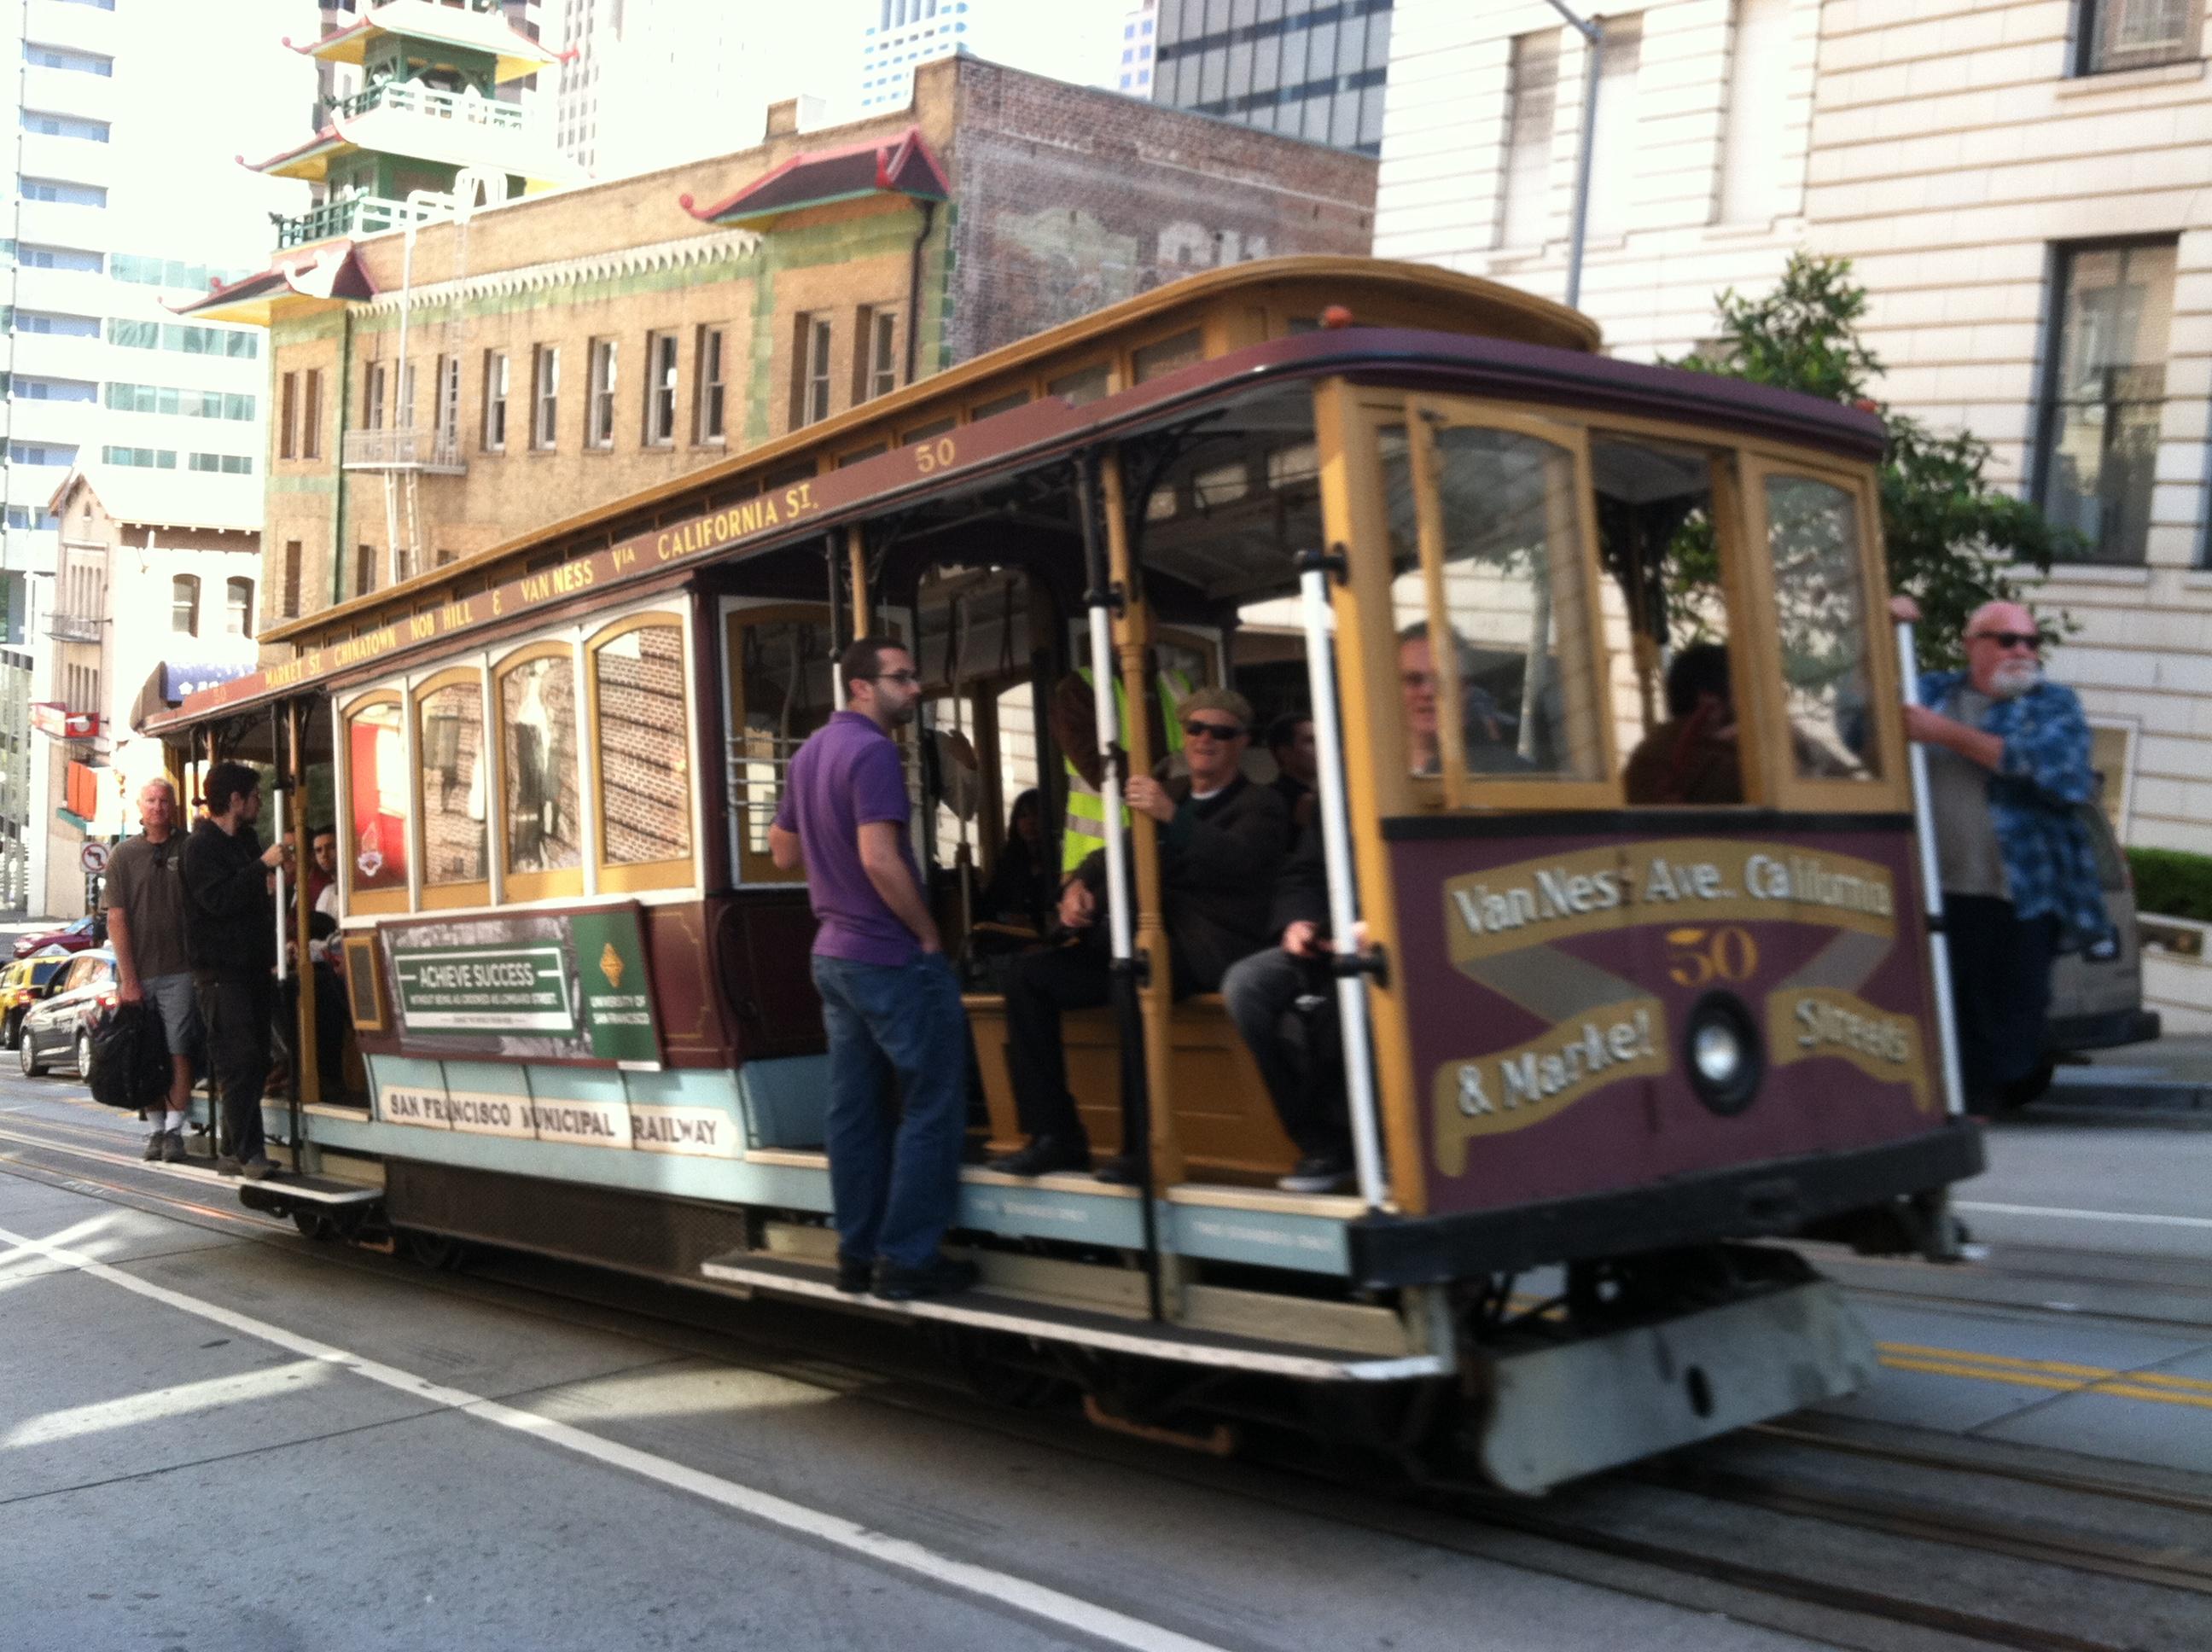 Trolley, San Francisco, CA